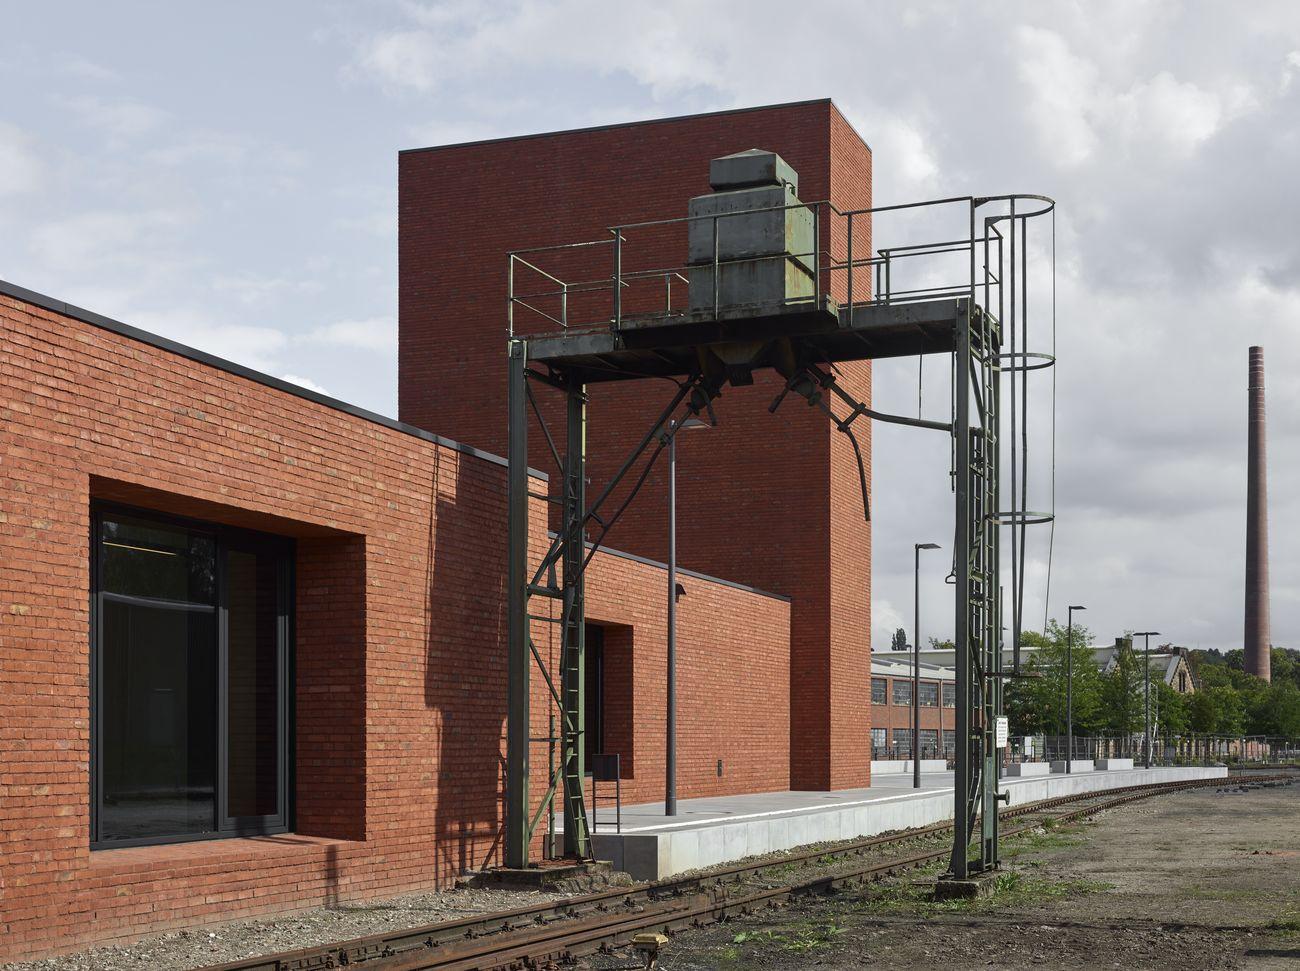 Eisenbahnmuseum Bochum, Deutschland